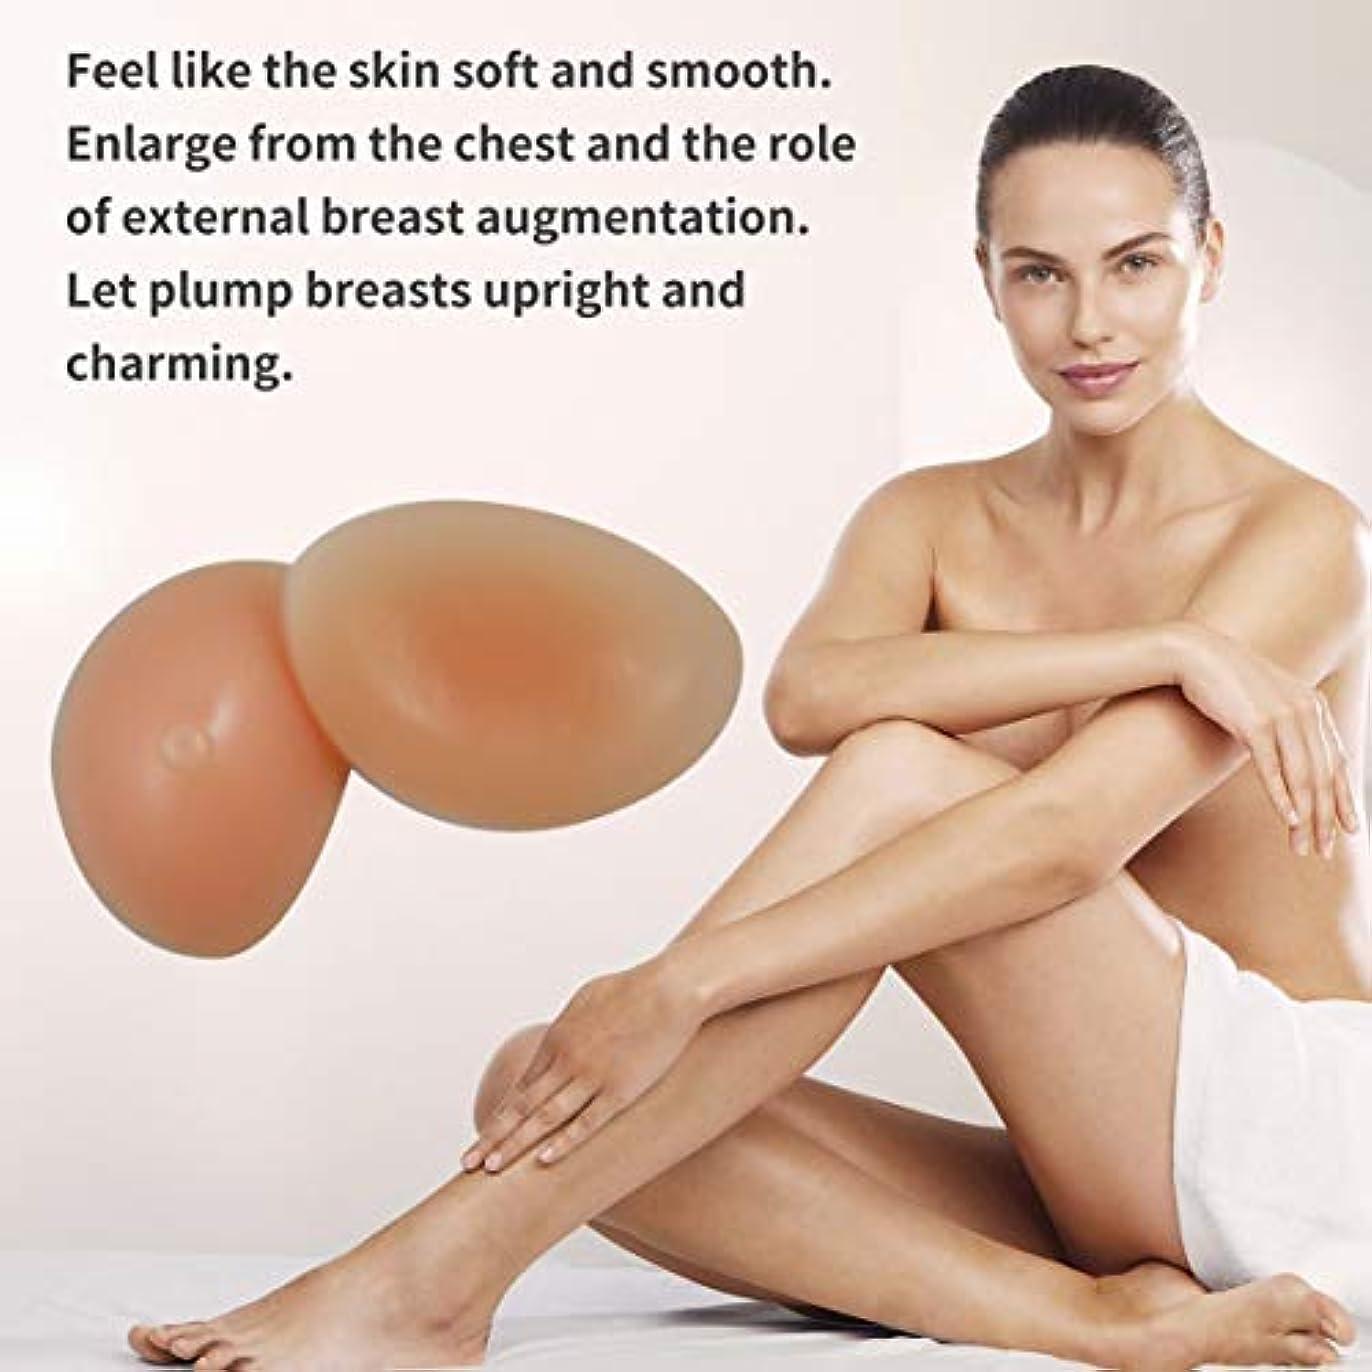 シリコーンフォーム偽乳房エンハンサープッシュアップパッドブースターブラインサート人工乳房リアルな防水シリコーン乳房フォーム(肌色)